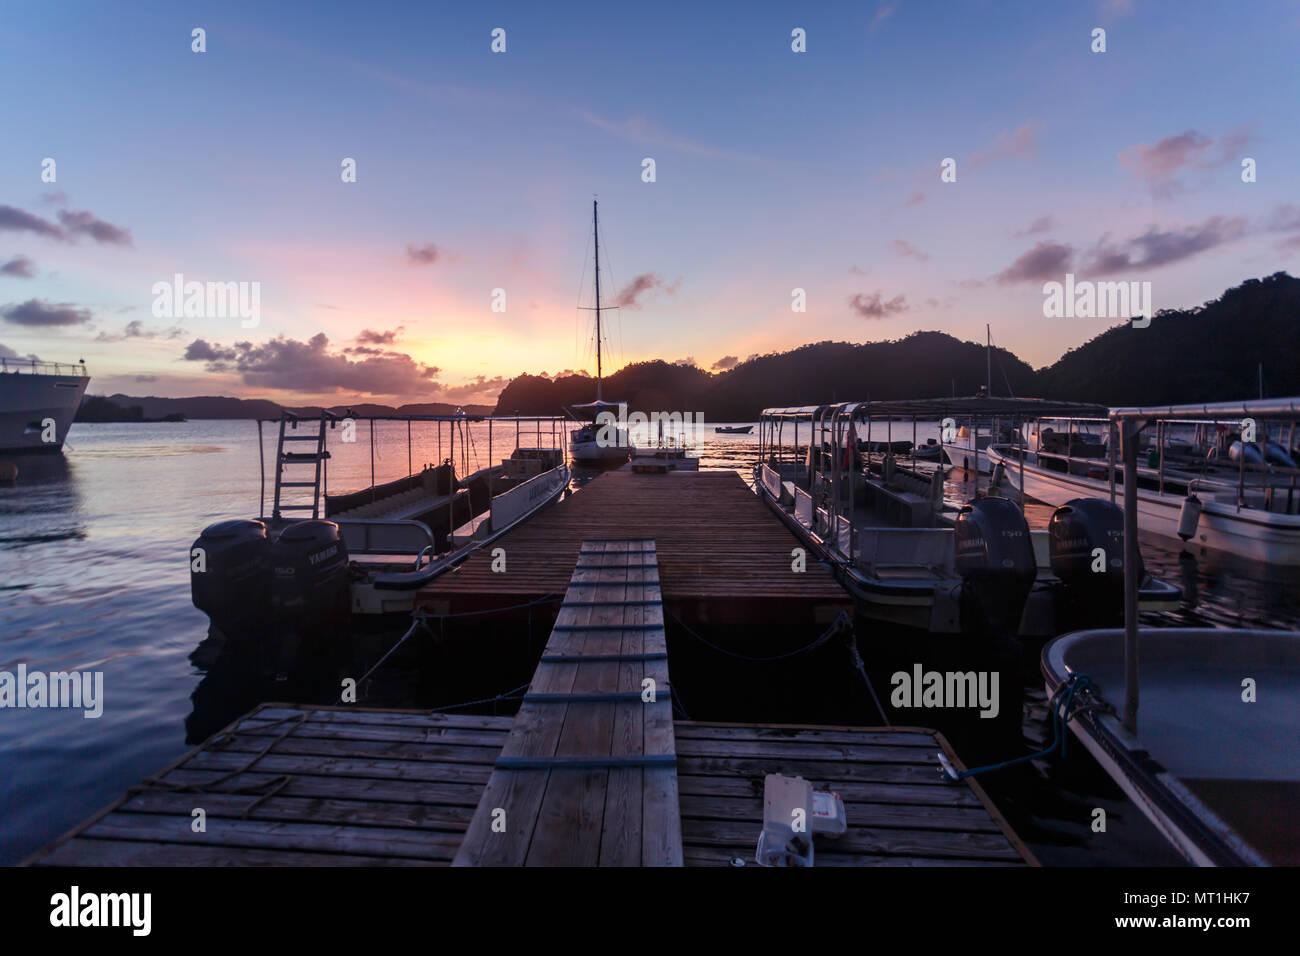 South Pacific Islands Cruise Ship Stock Photos Amp South Pacific Islands Cruise Ship Stock Images